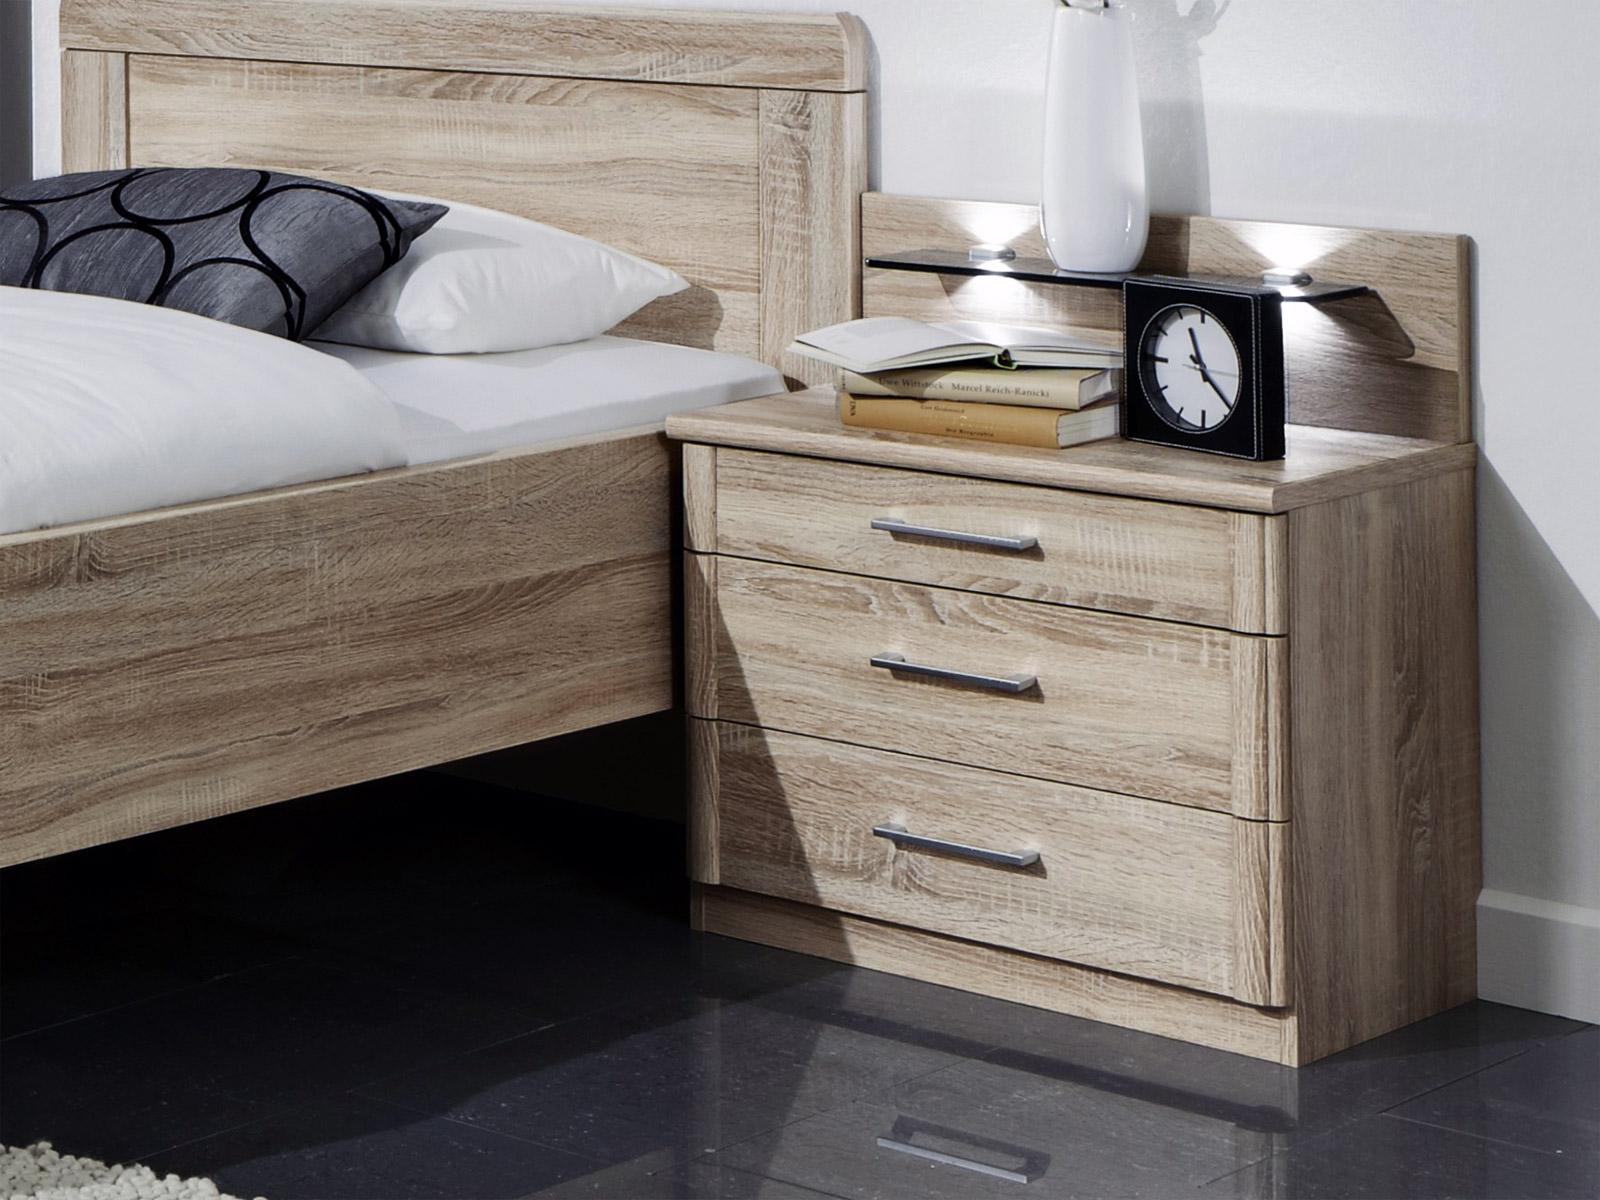 nachttisch mit drei schubladen in zwei breiten runcorn. Black Bedroom Furniture Sets. Home Design Ideas